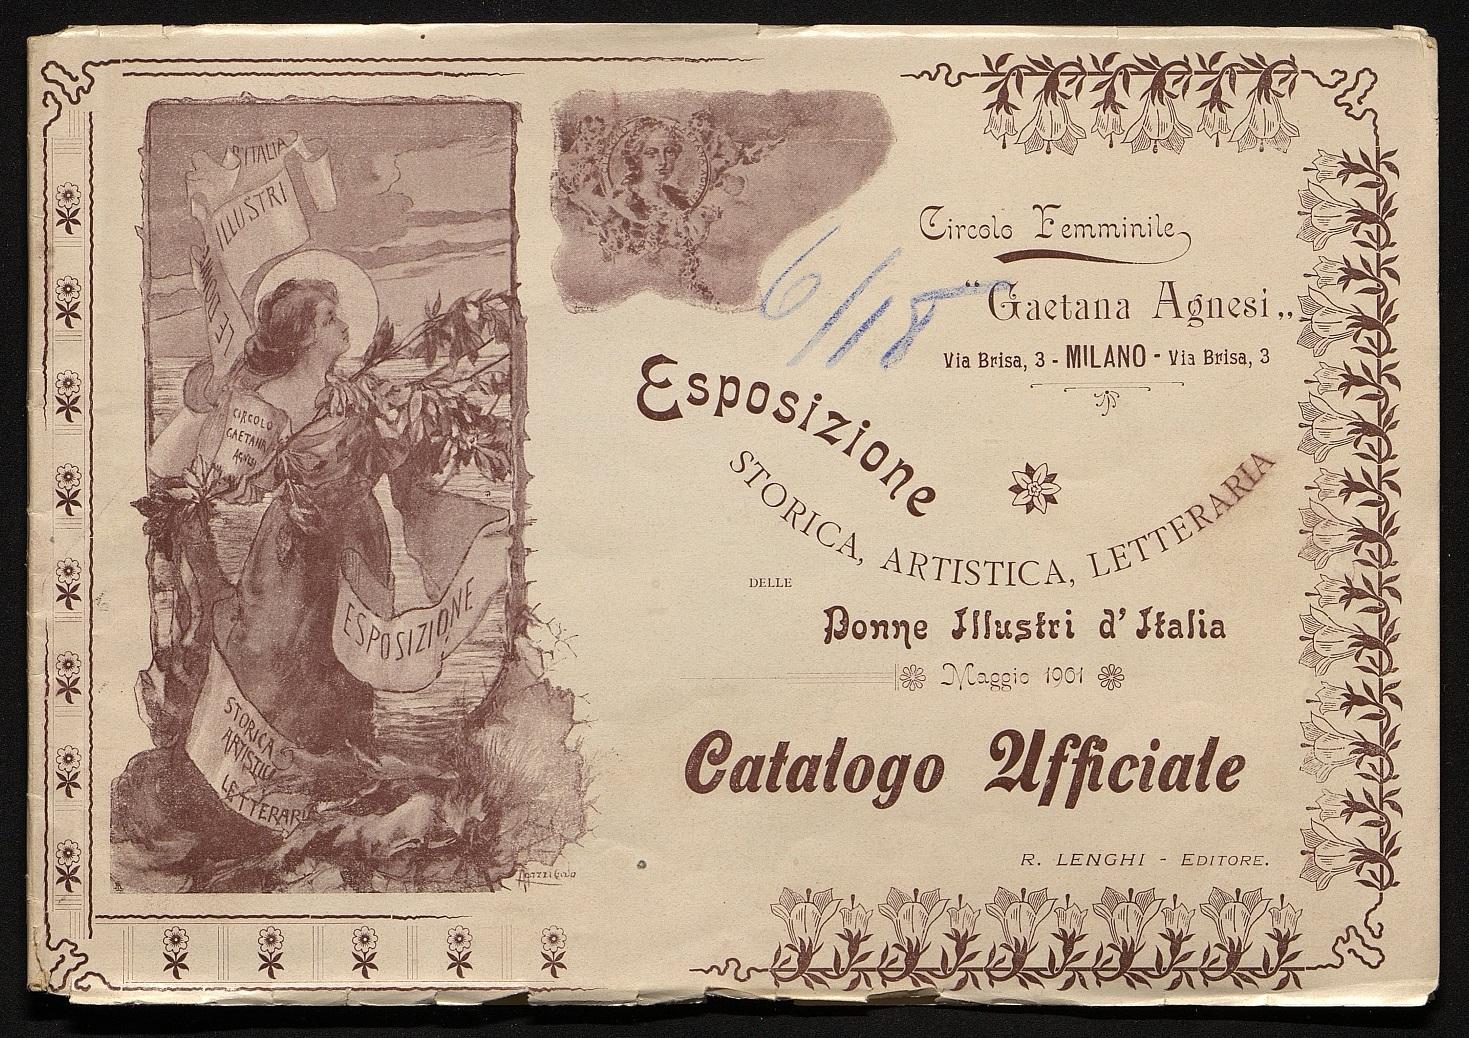 Catalogo ufficiale dell'Esposizione 1901